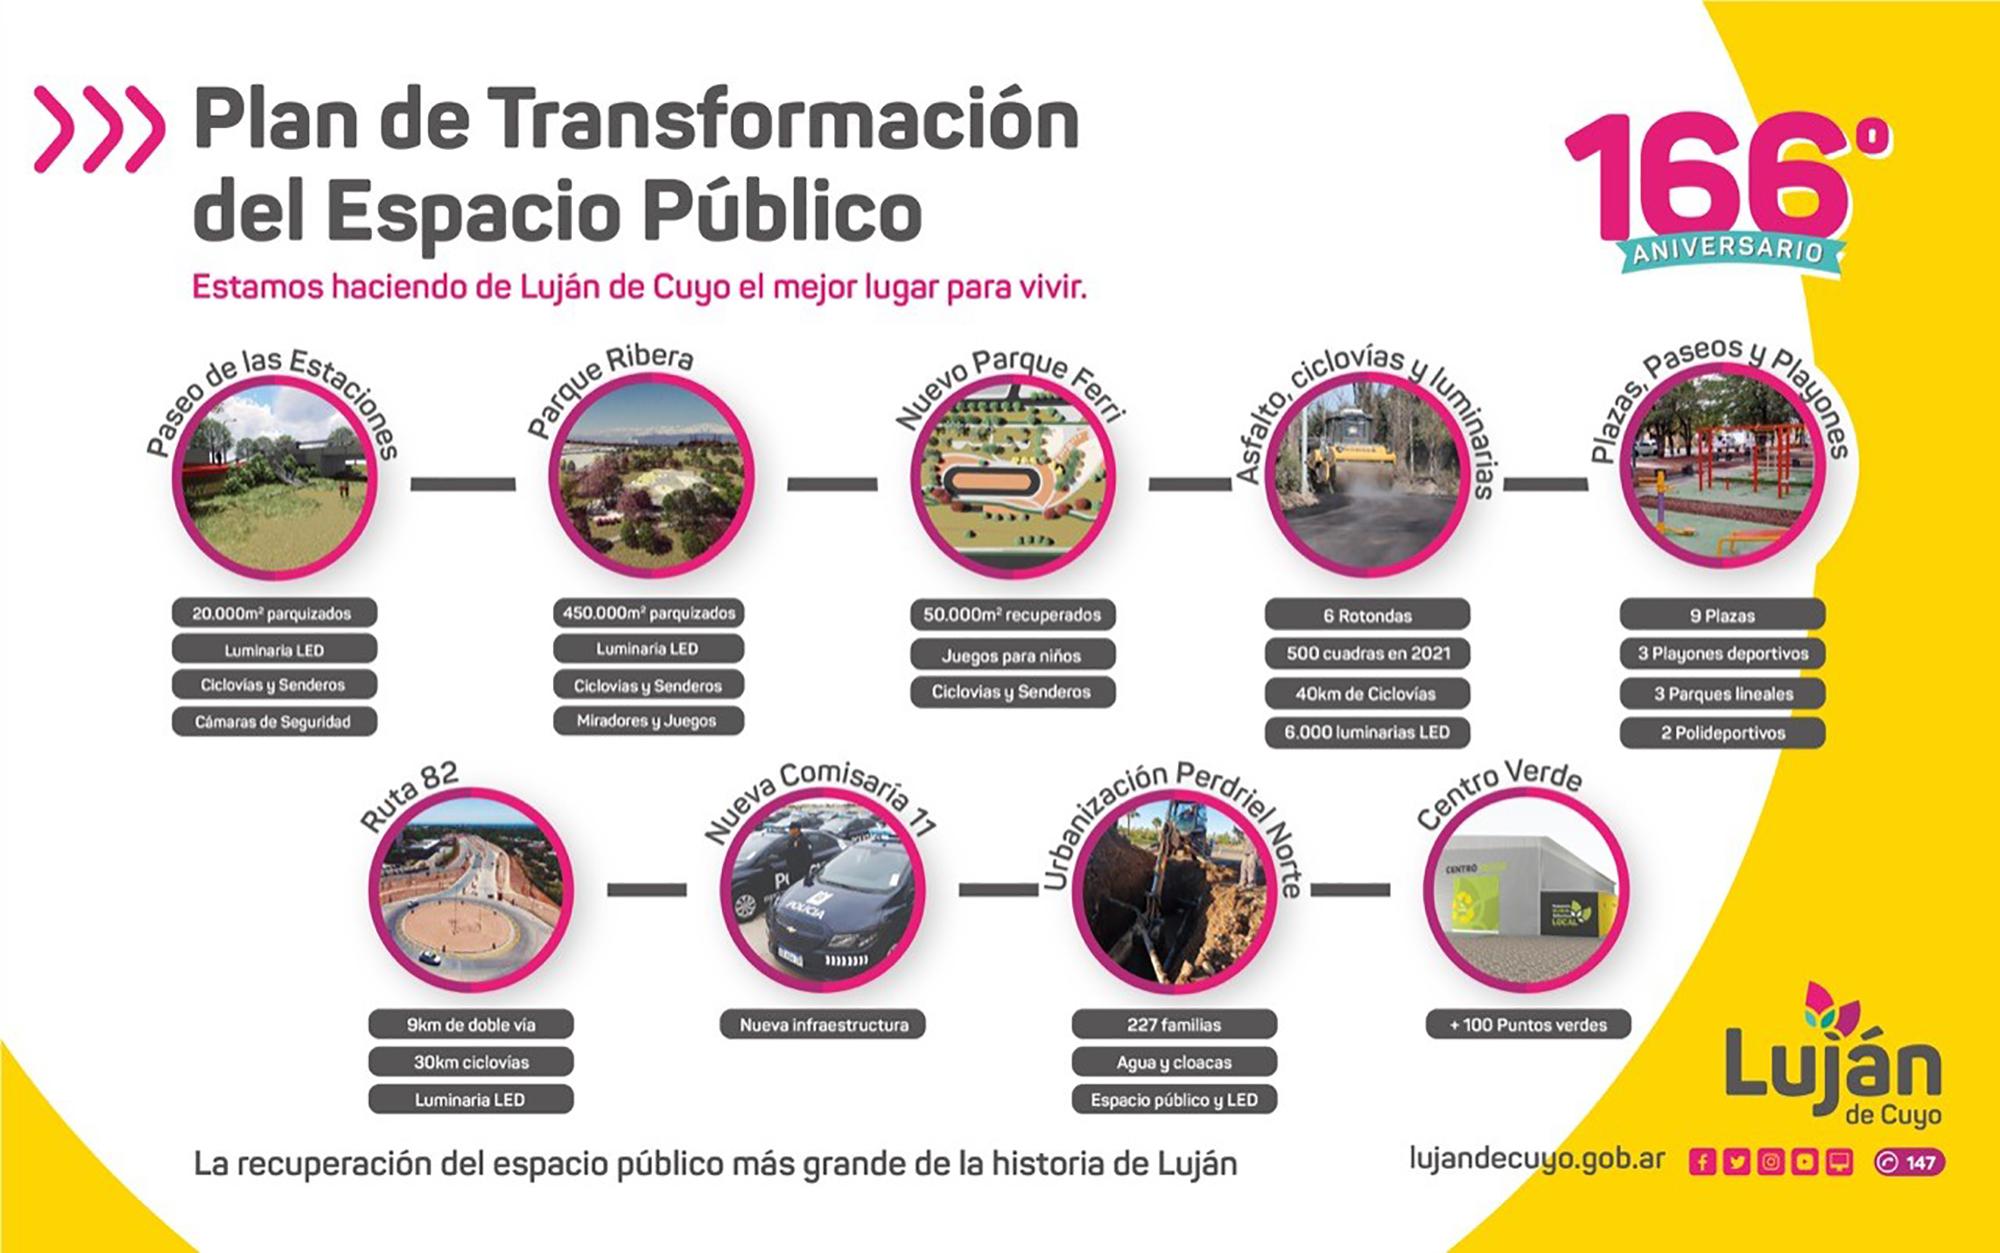 Plan de Transformación del Espacio Público